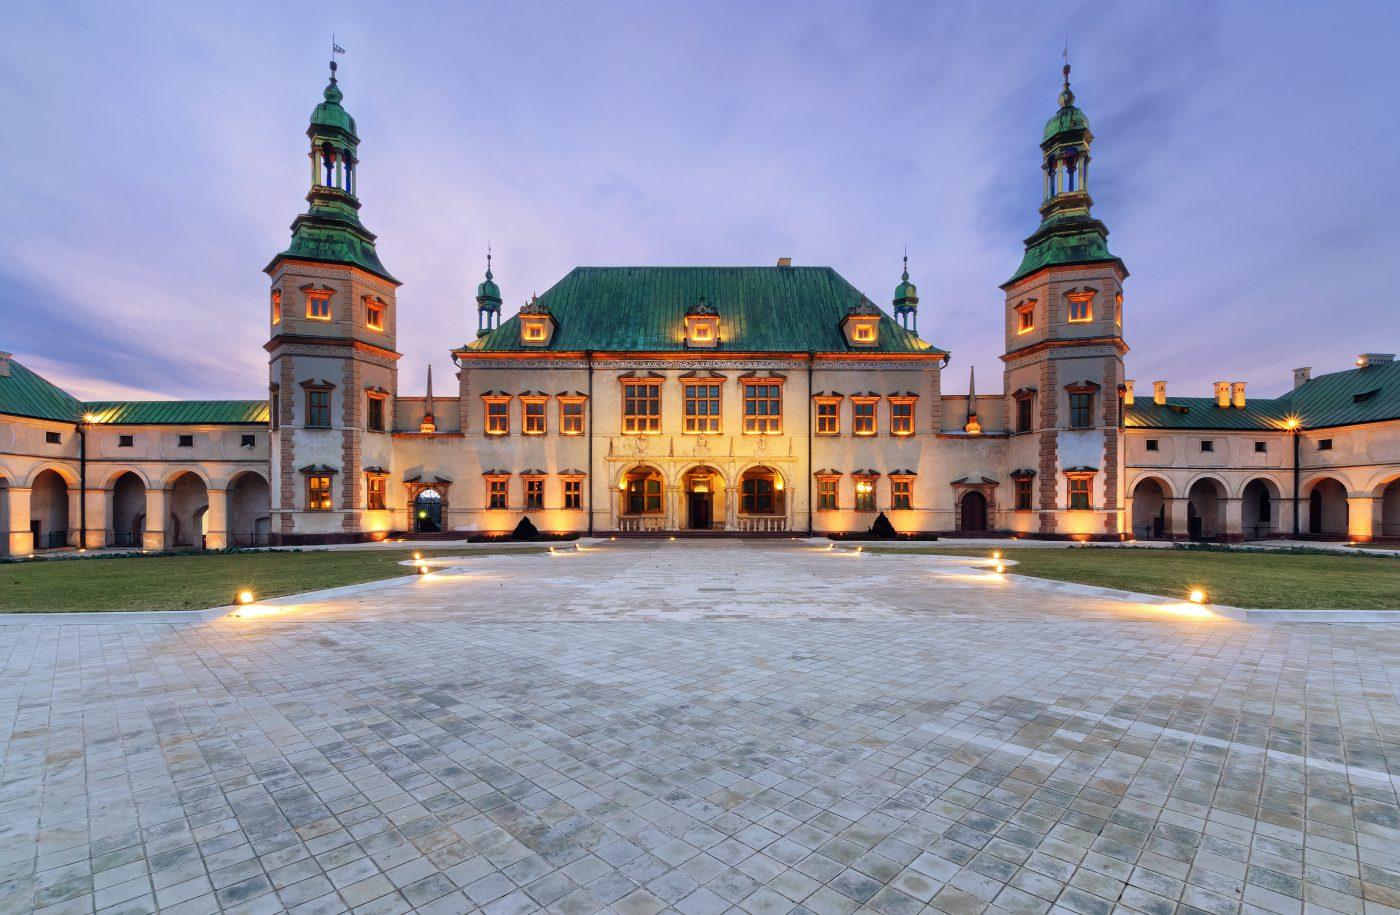 Darmowe atrakcje Kielc – trzeba je zobaczyć